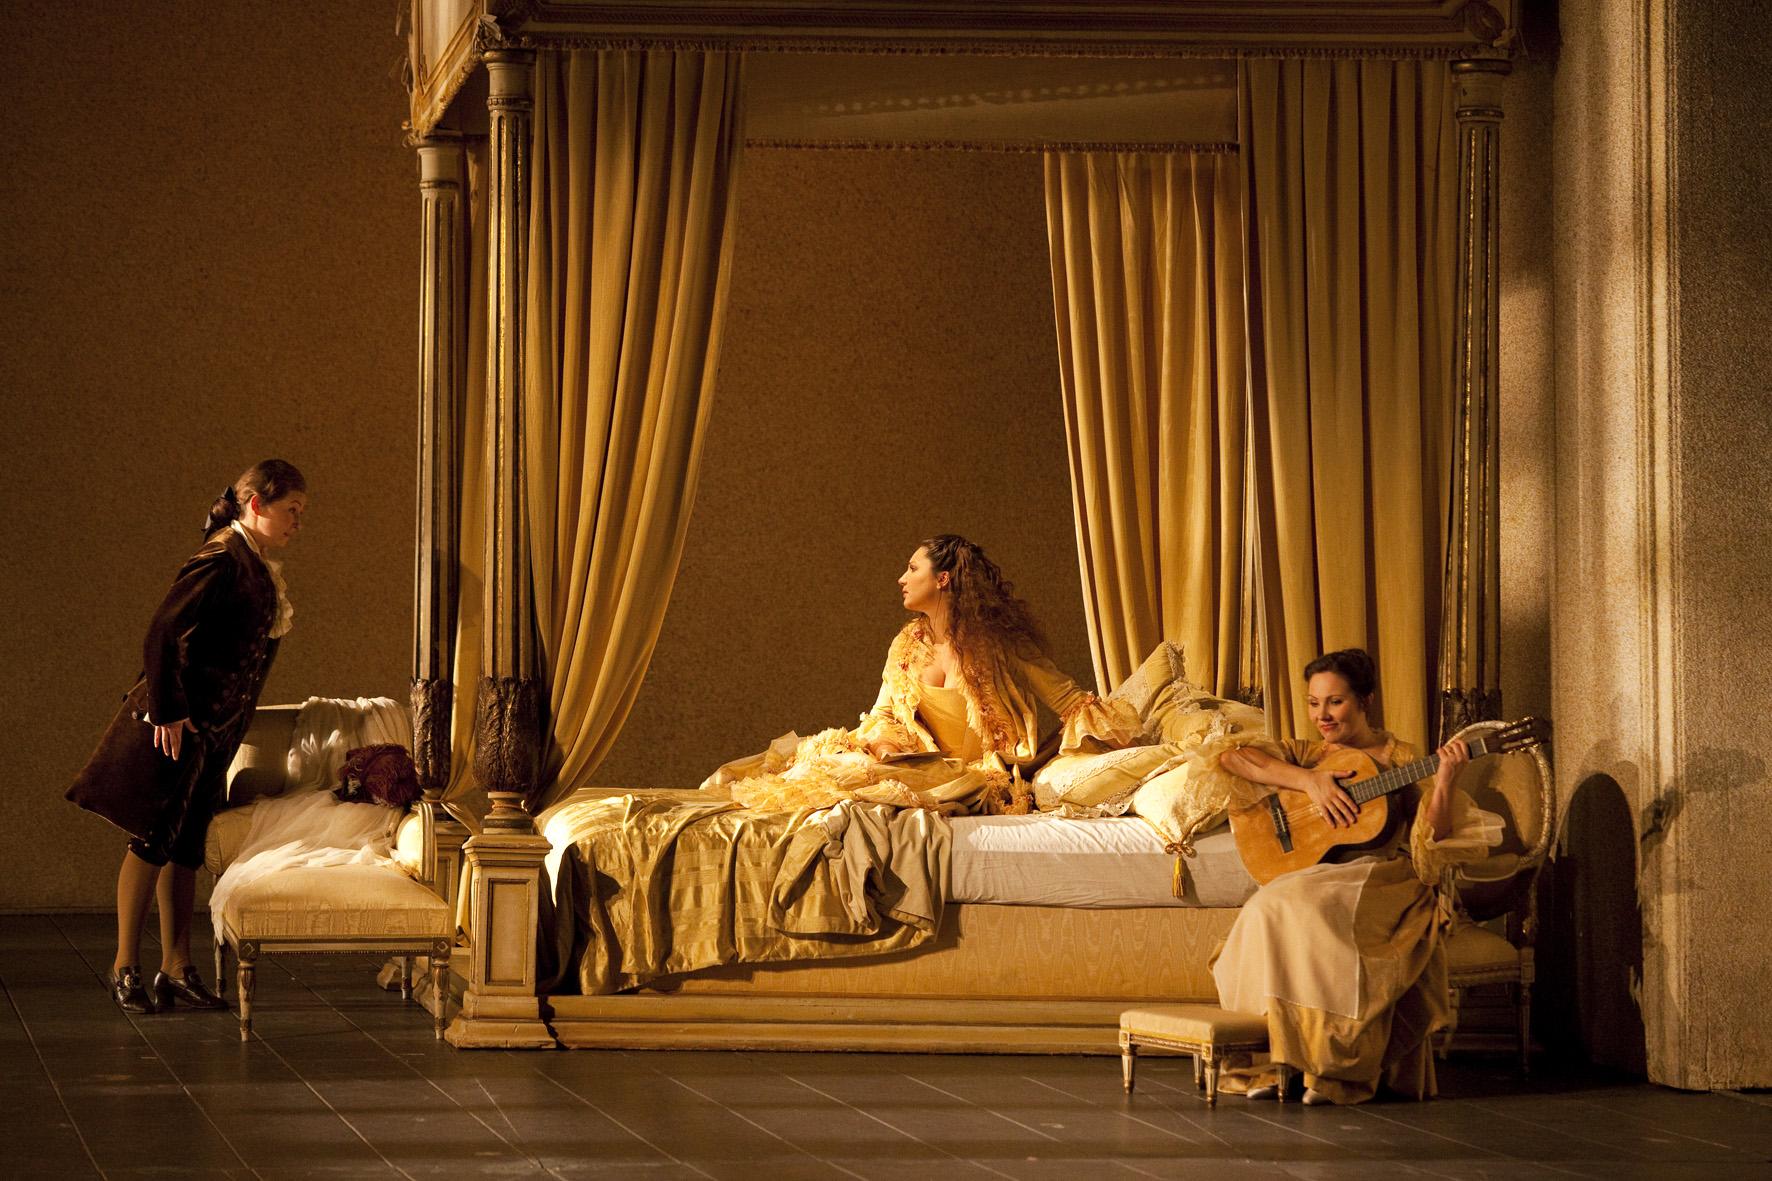 ライブビューイング~パリ・オペラ座へようこそ~『フィガロの結婚』作曲:モーツァルト画像